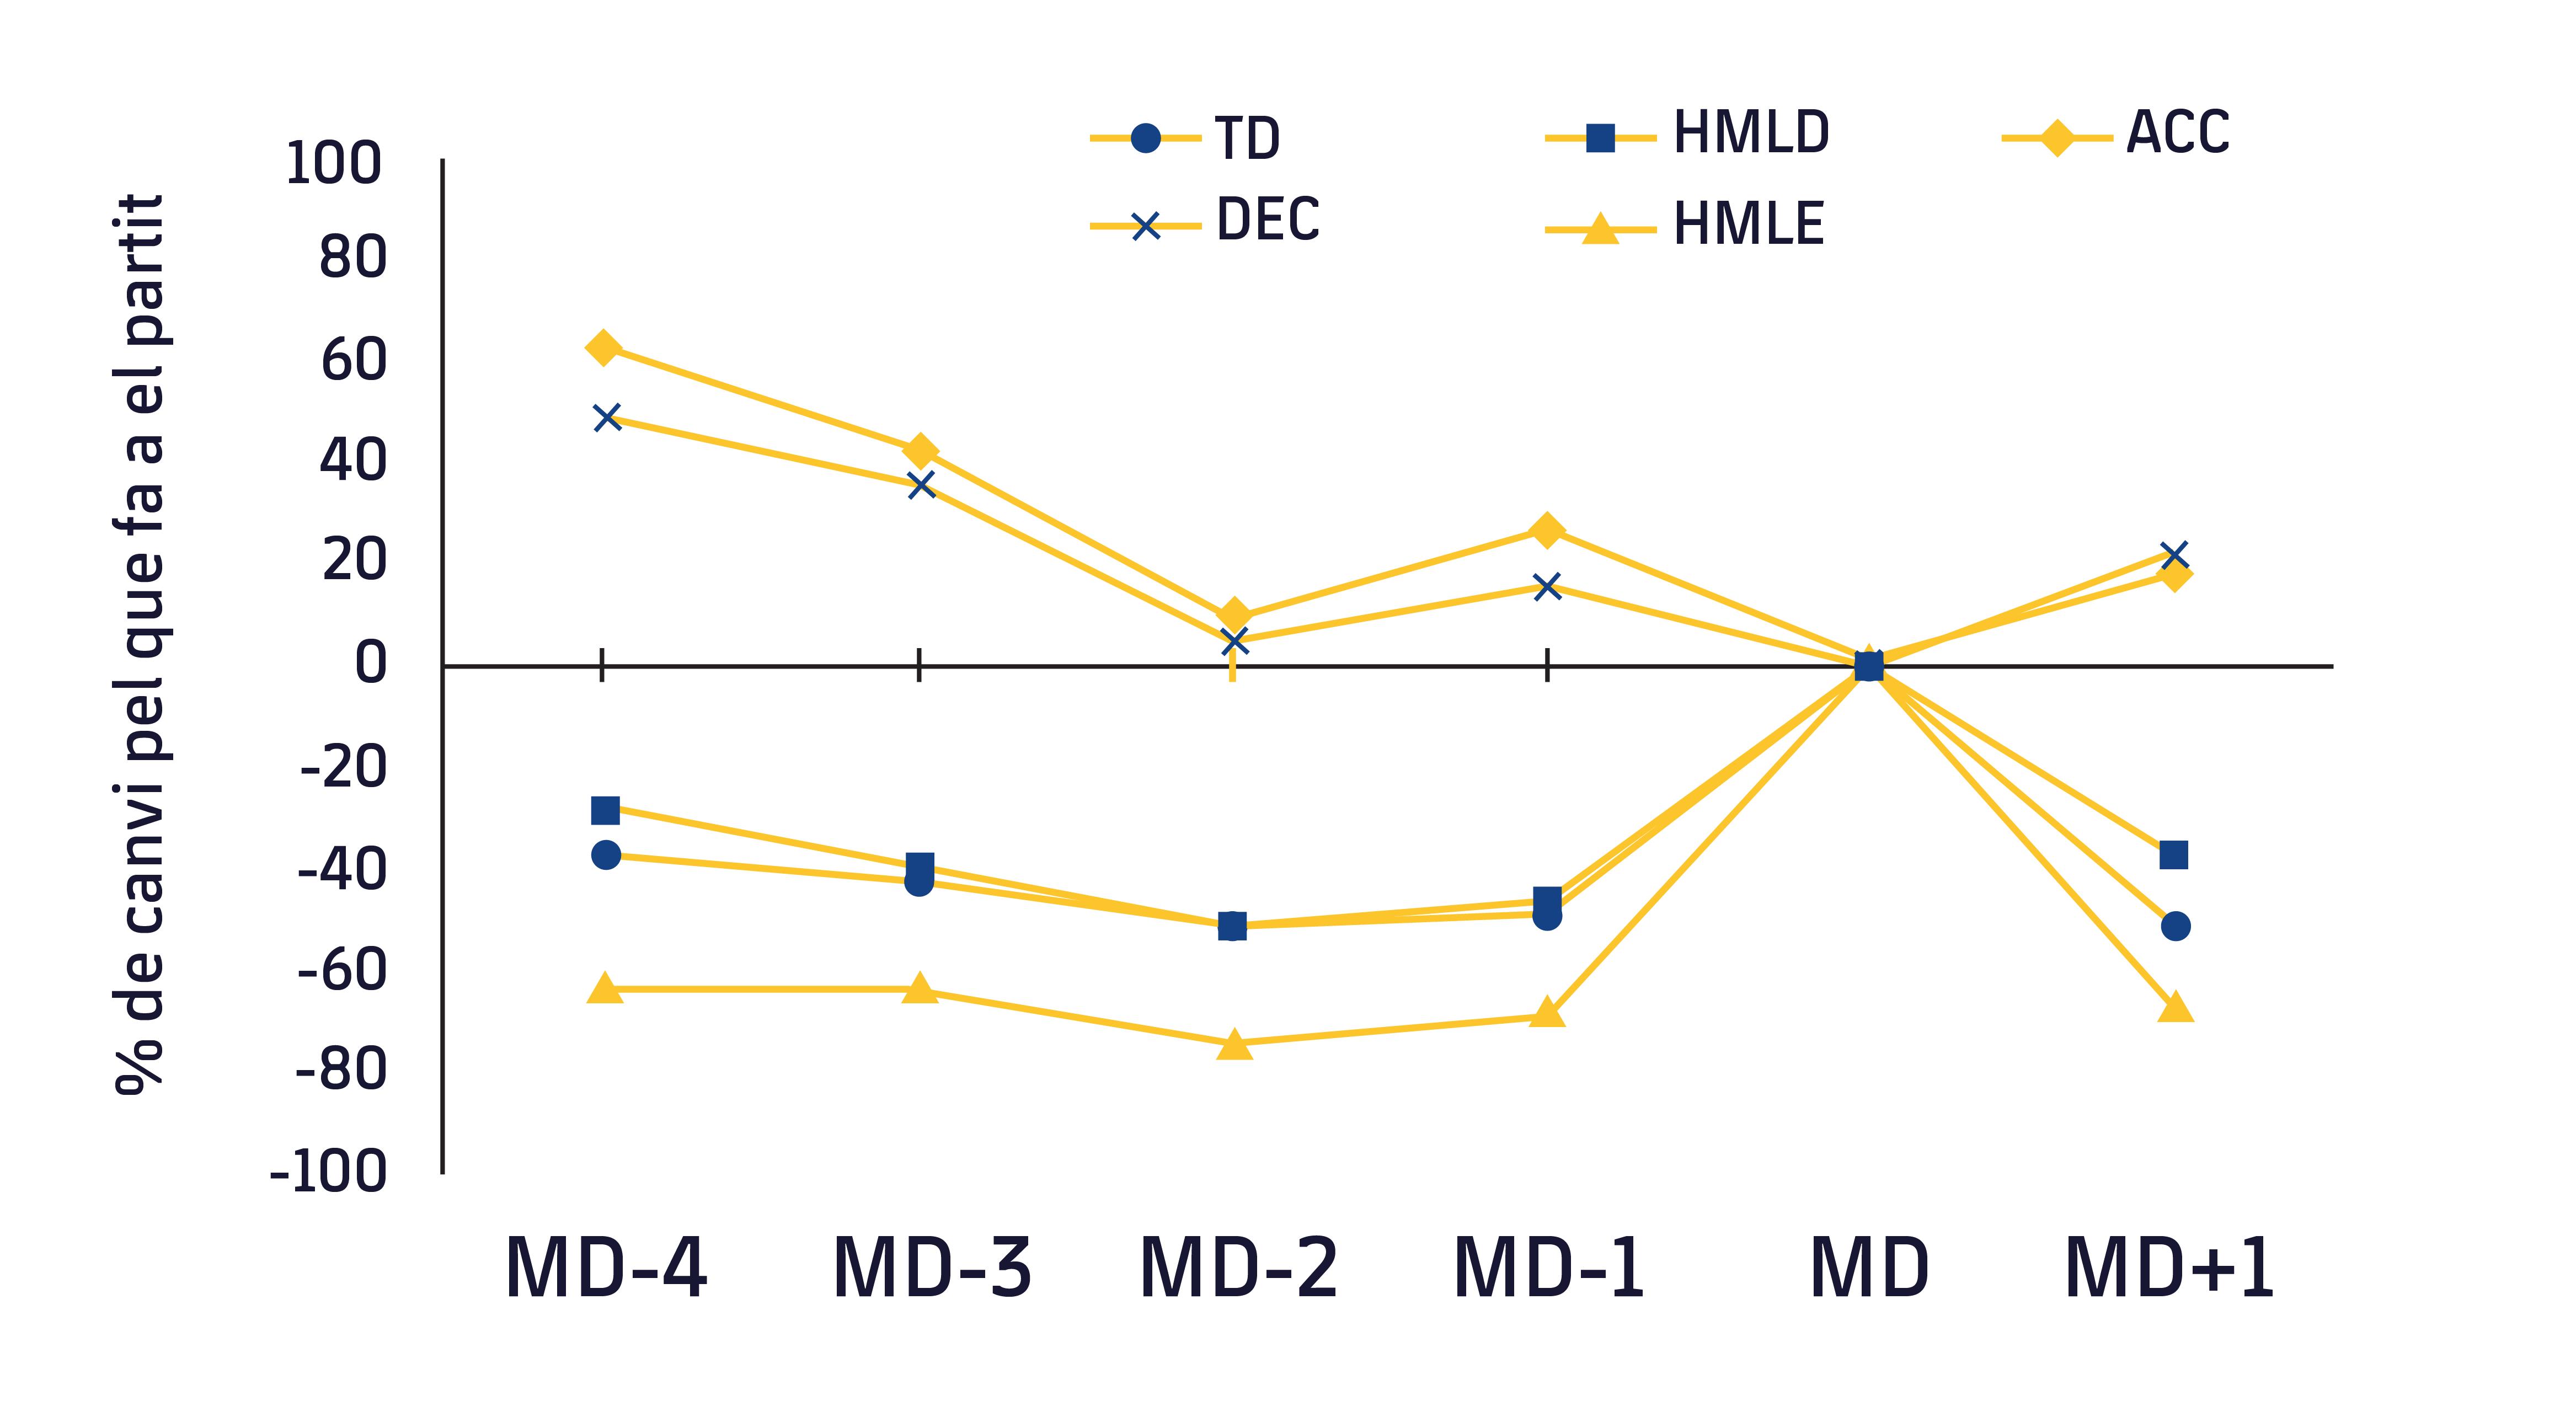 Figura 1. Evolució de les variables de càrrega externa respecte al dia de partit. TD, distància total; HMLD, alta càrrega metabòlica; HMLE; nombre d'esforços d'alta càrrega metabòlica; DEC; desacceleracions; ACC; acceleracions. MD-4, 4 dies abans del partit; MD-3, 3 dies abans del partit; MD, dia de partit. Adaptat de Moreno-Pérez V, et al.7